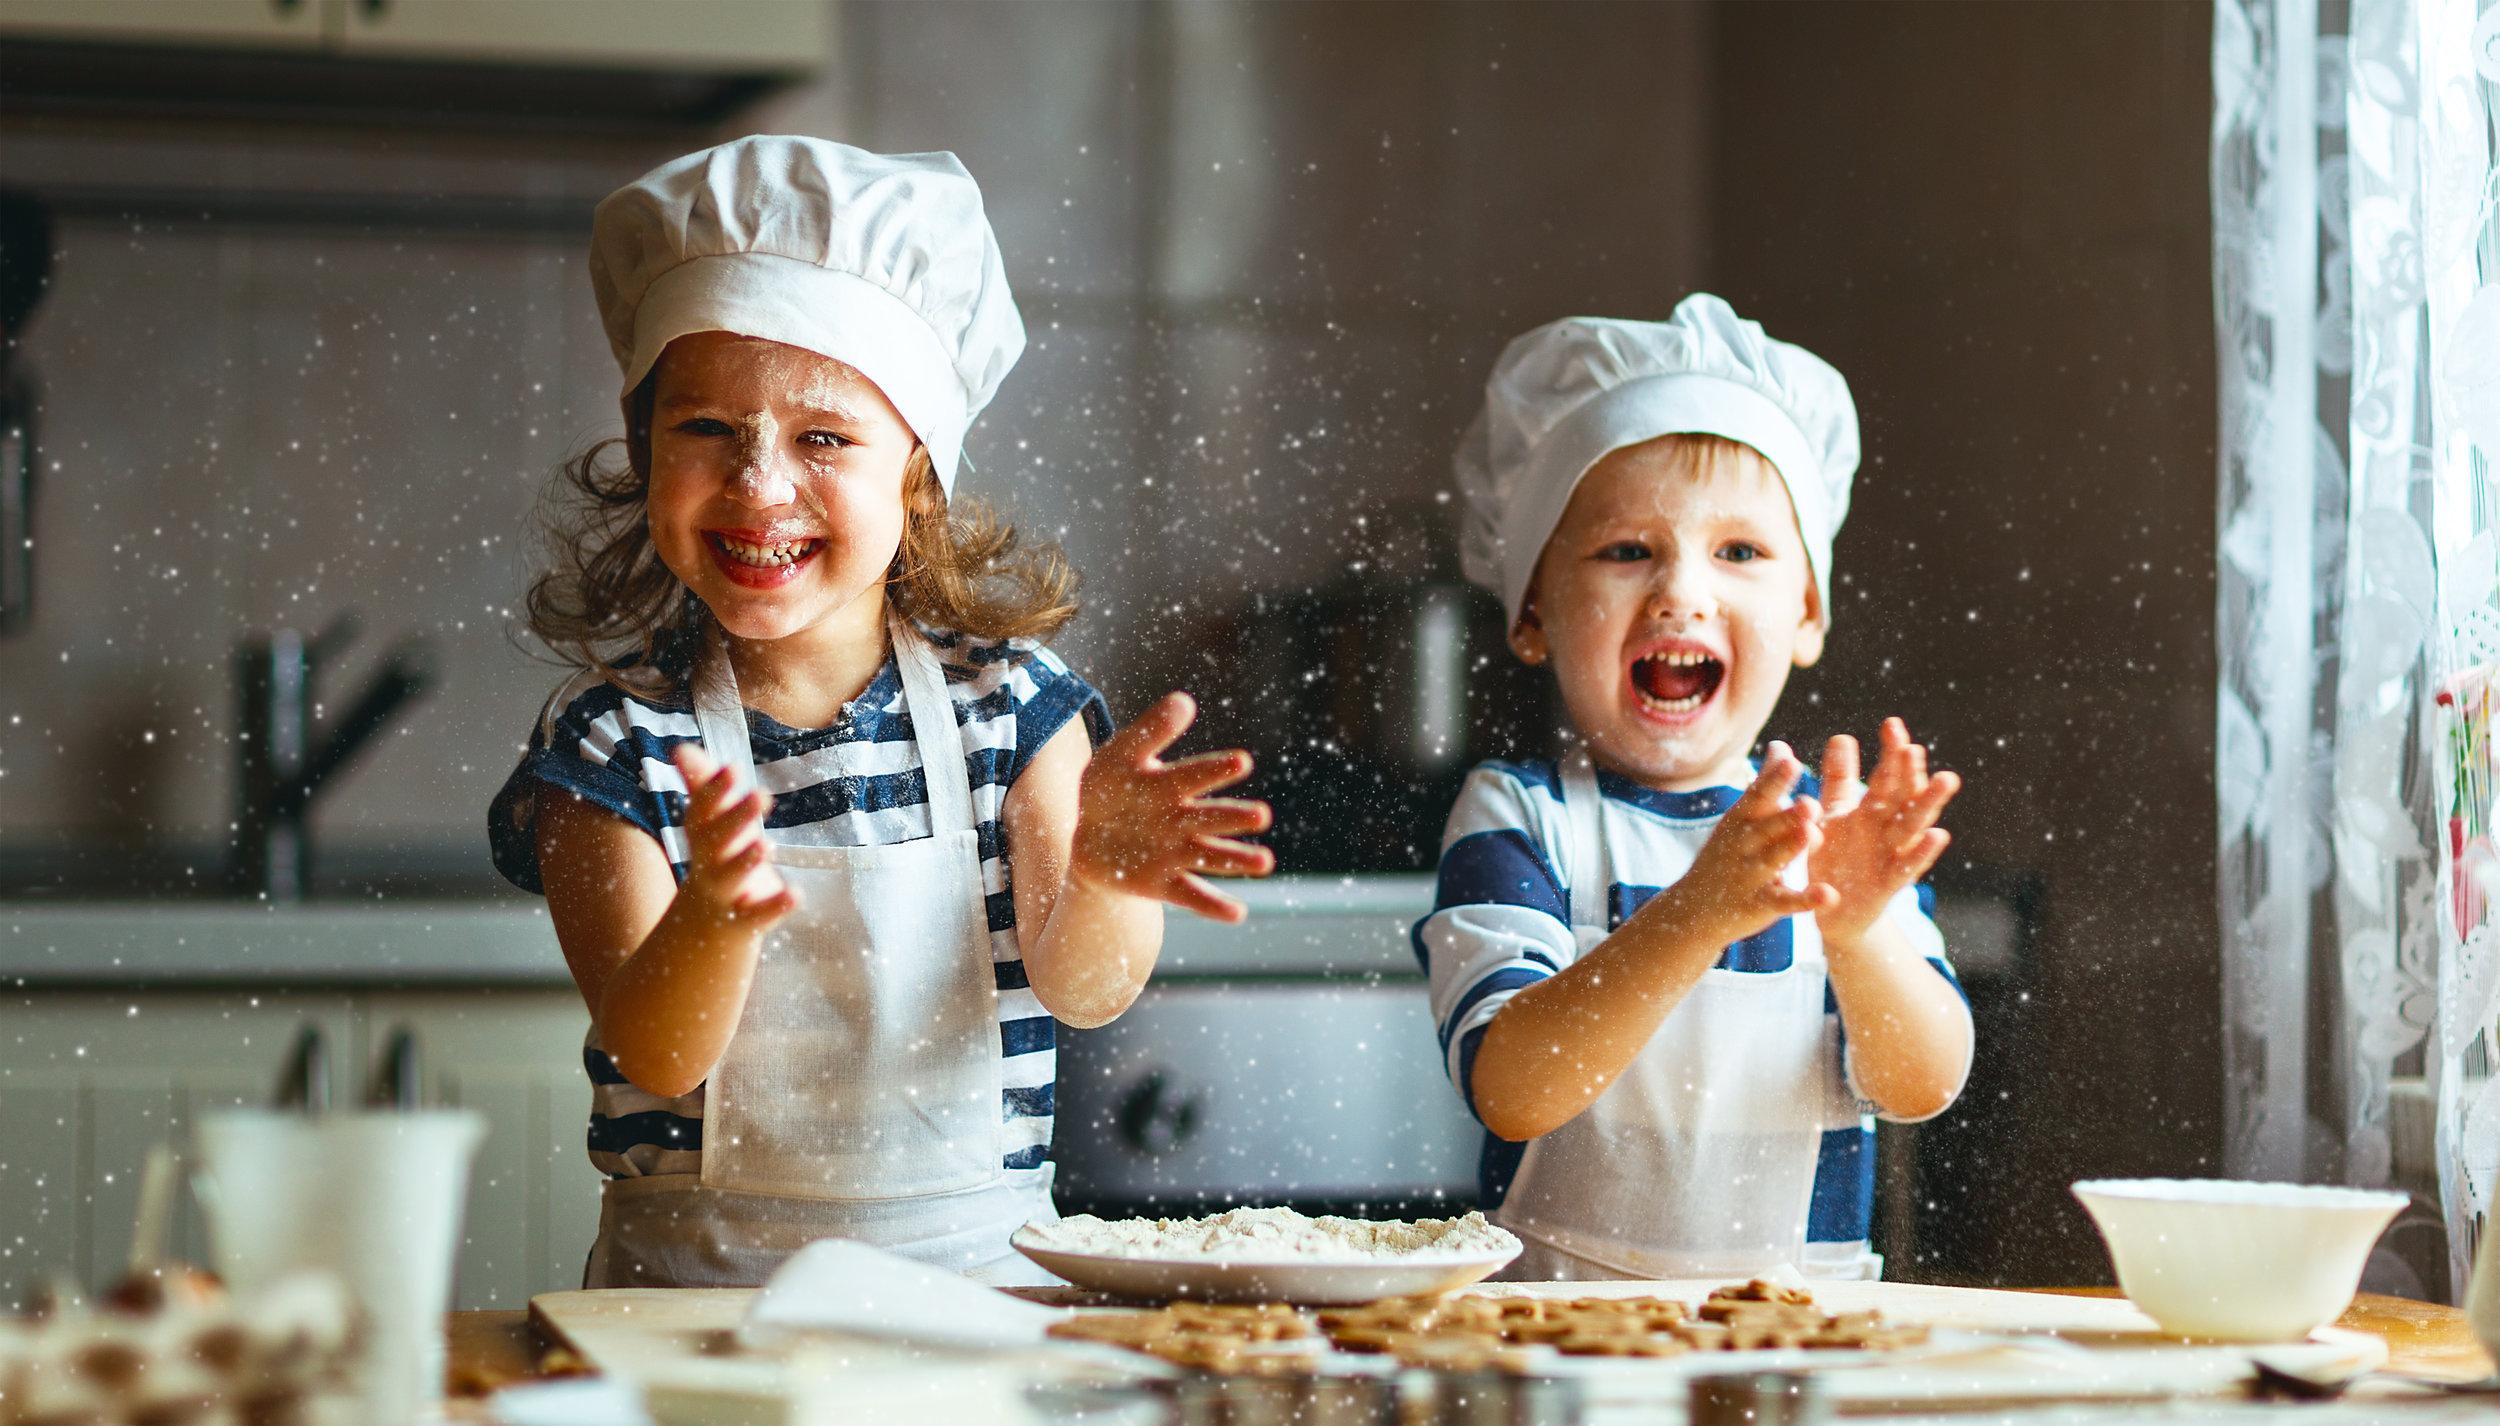 kids clapping flour kitchen.jpg